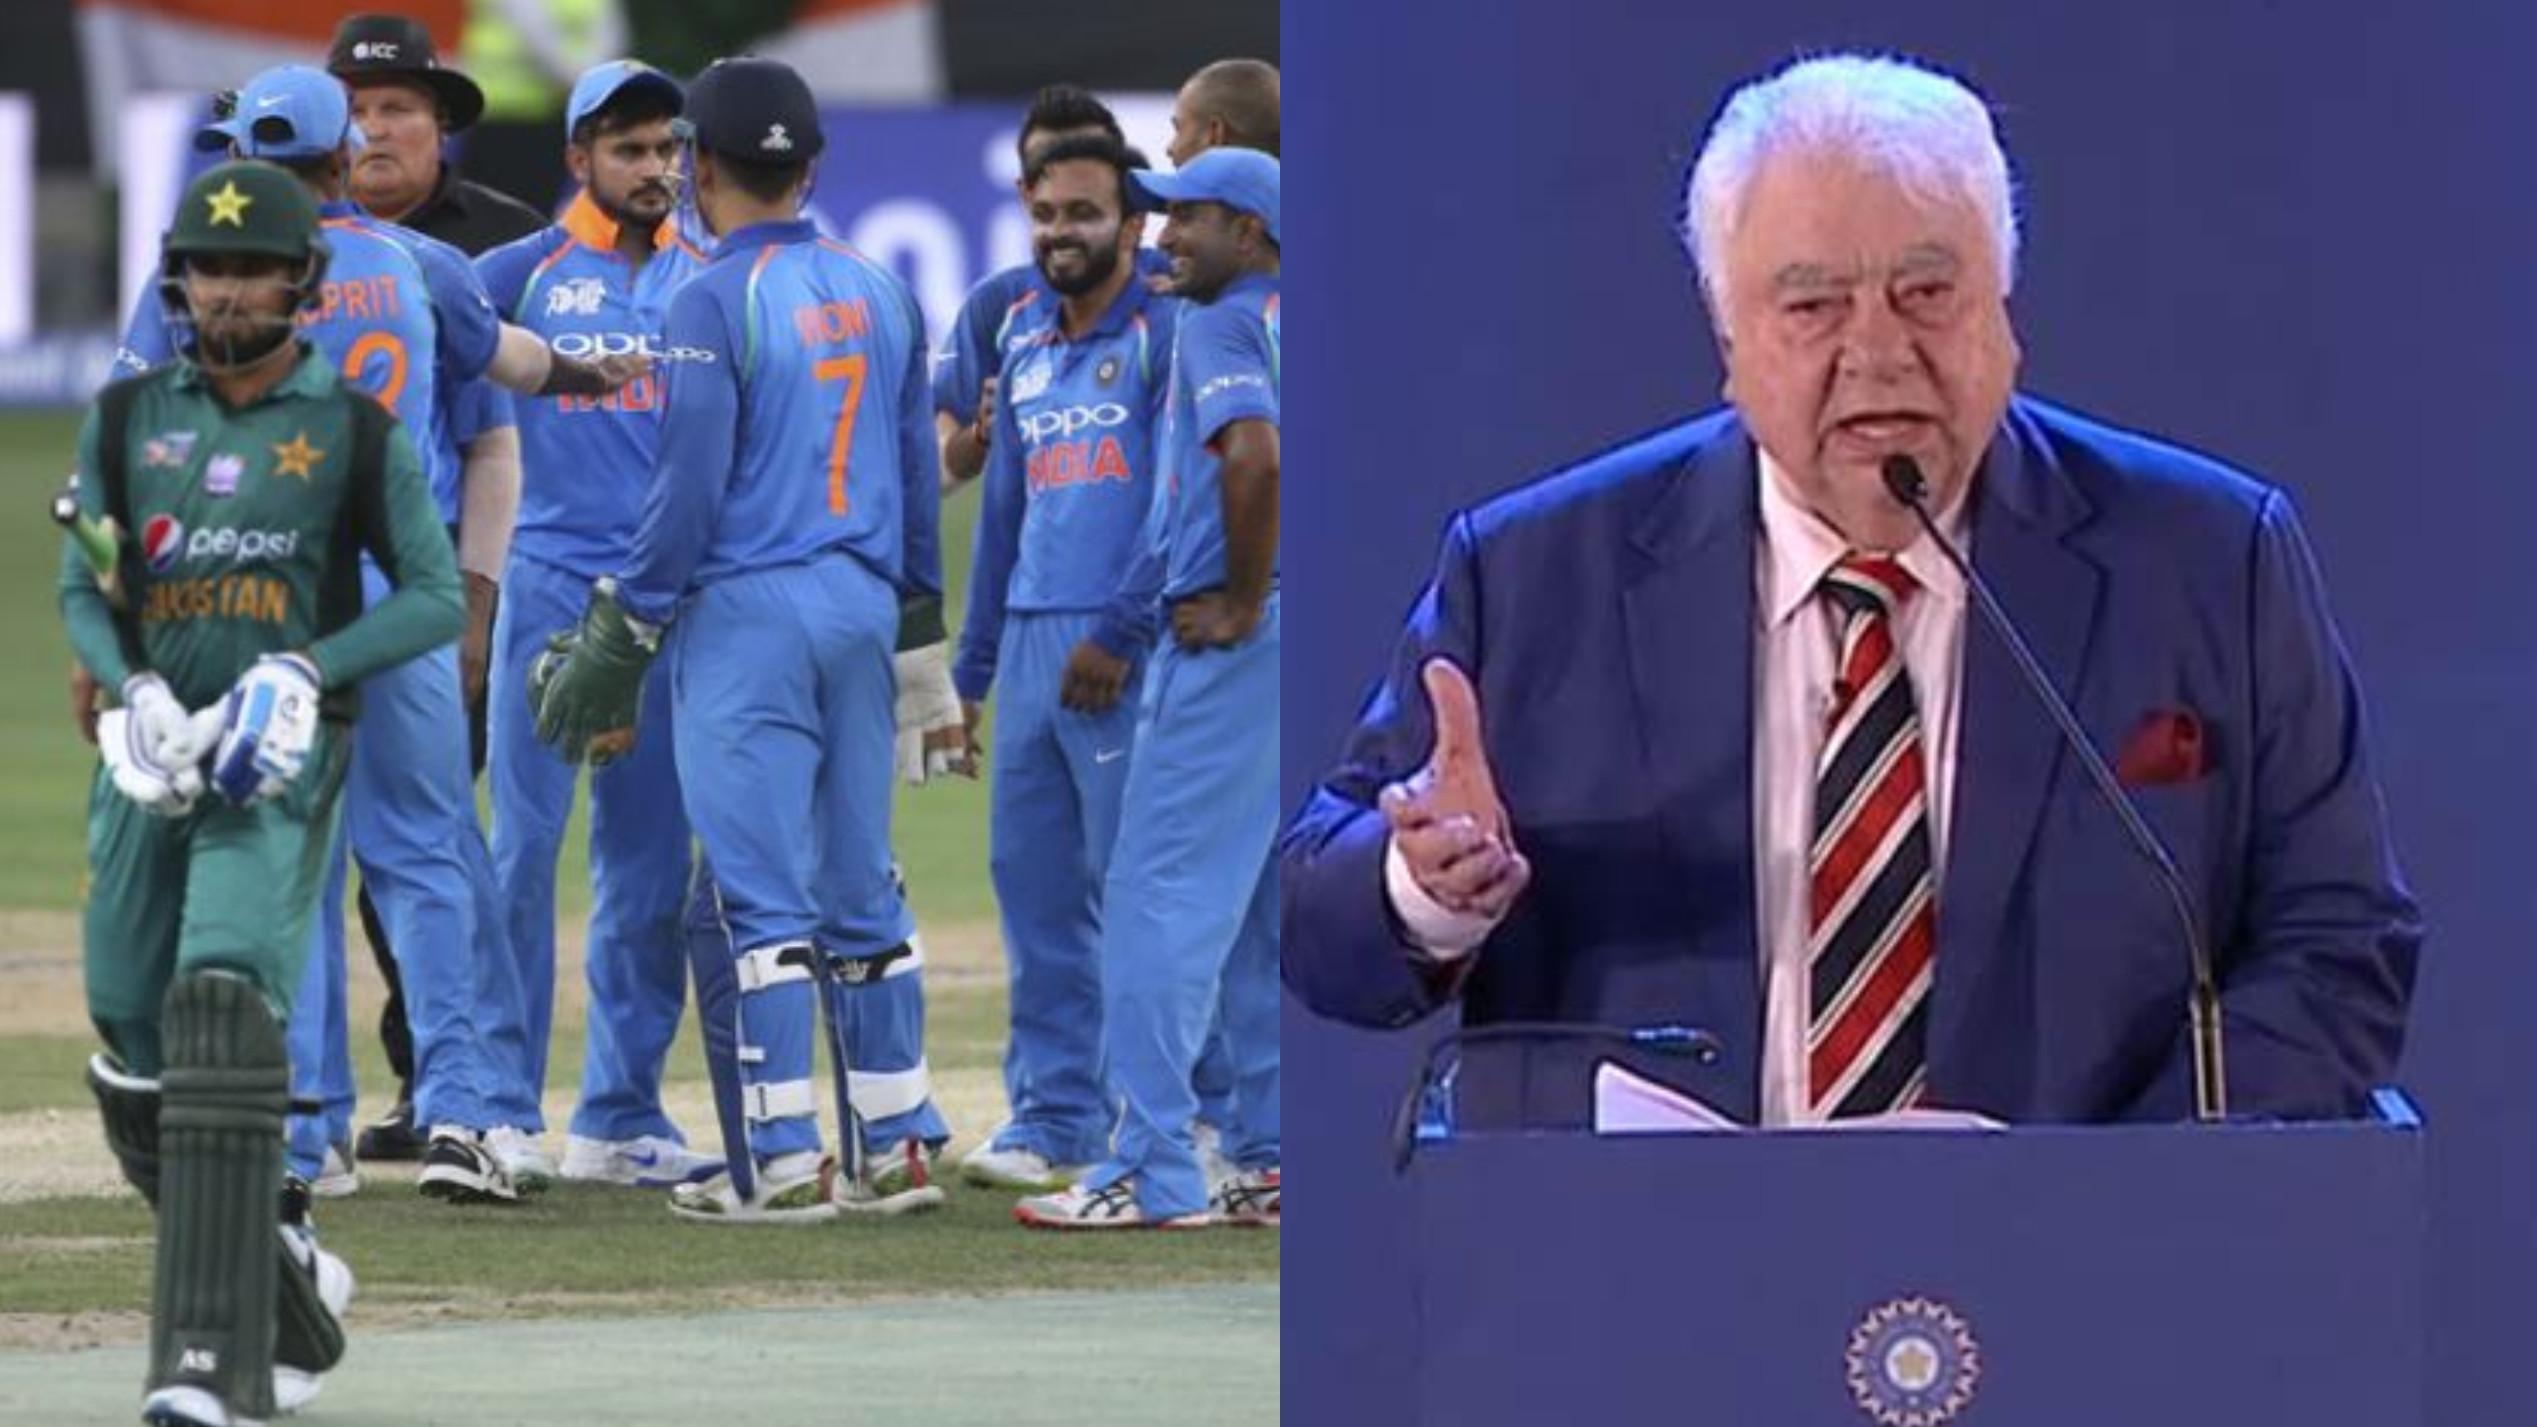 CWC 2019: फारुख इंजीनियर चाहते हैं कि भारत विश्व कप में हमारे जवानो के लिए पाकिस्तान को दे मात